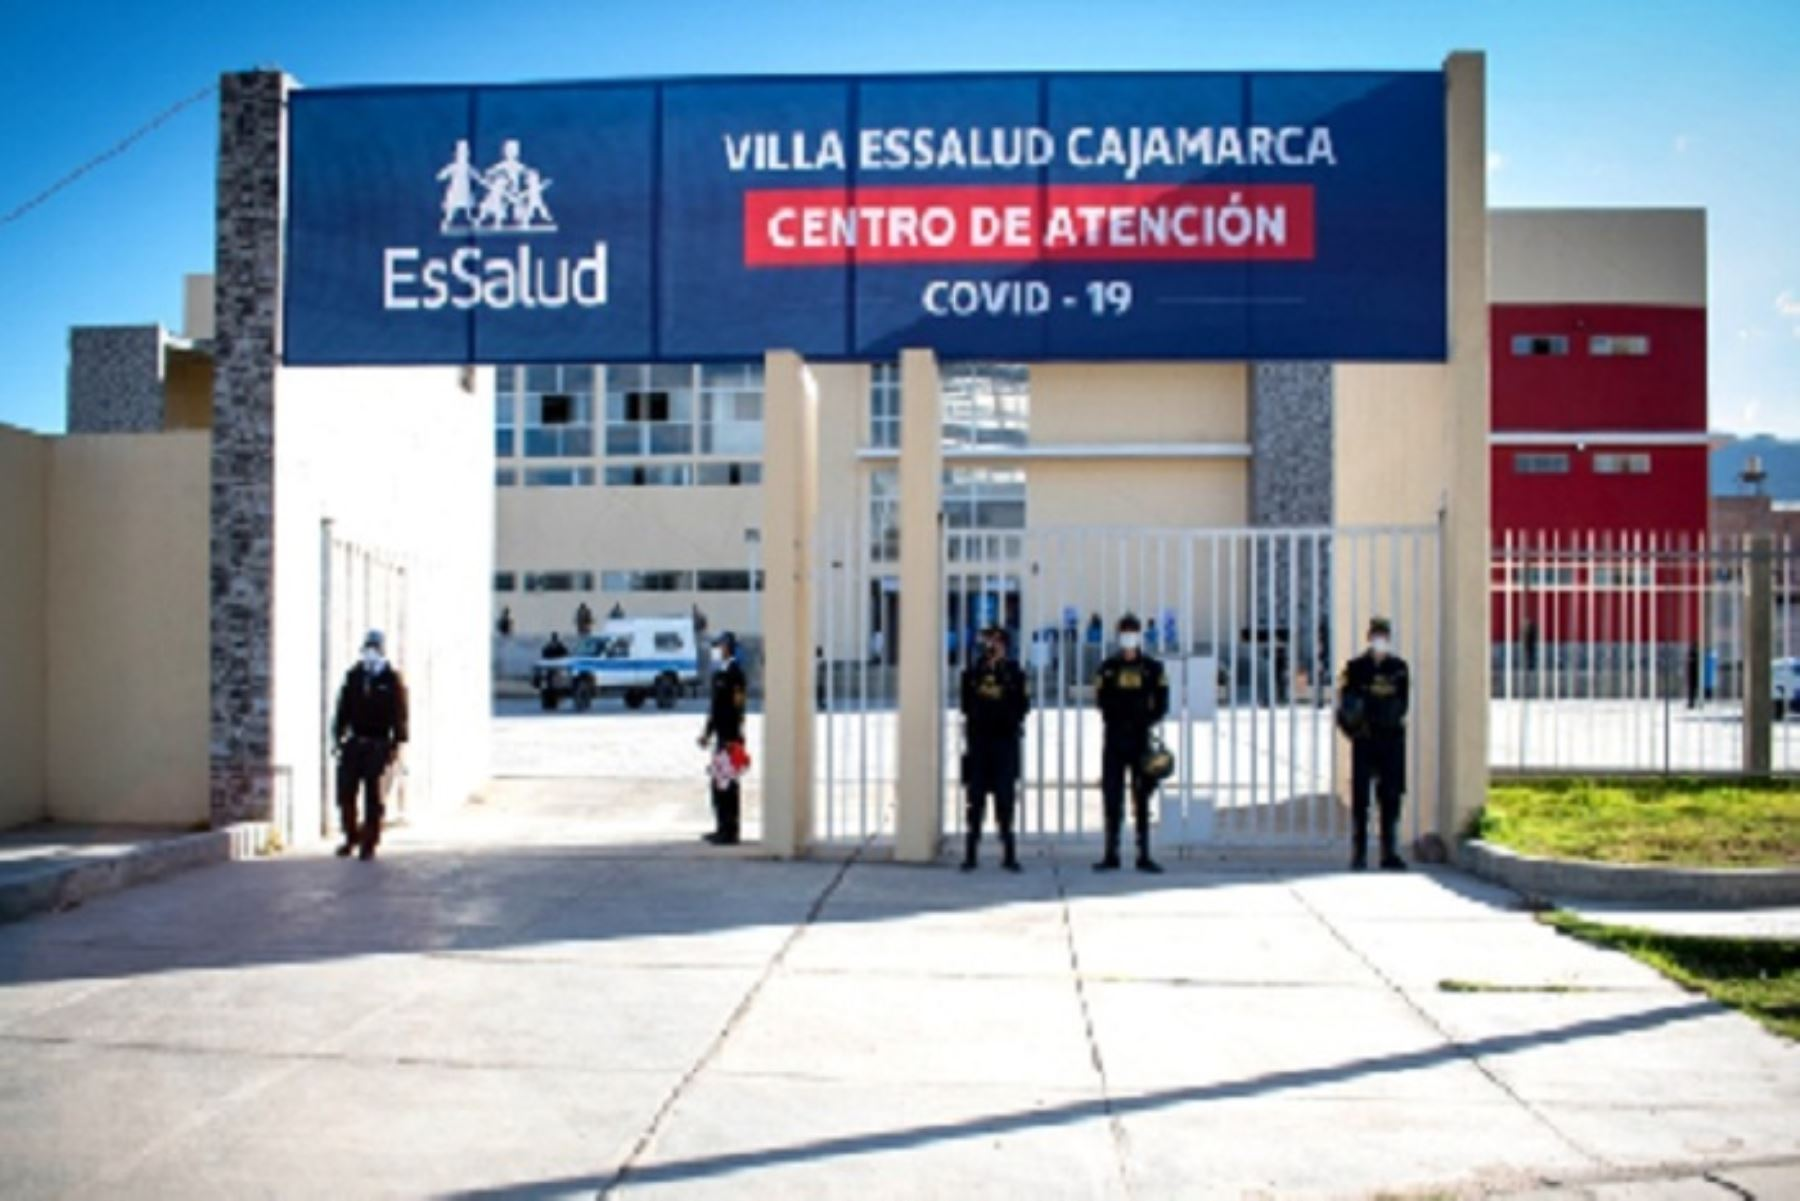 Villa EsSalud Cajamarca inició atención a pacientes covid-19